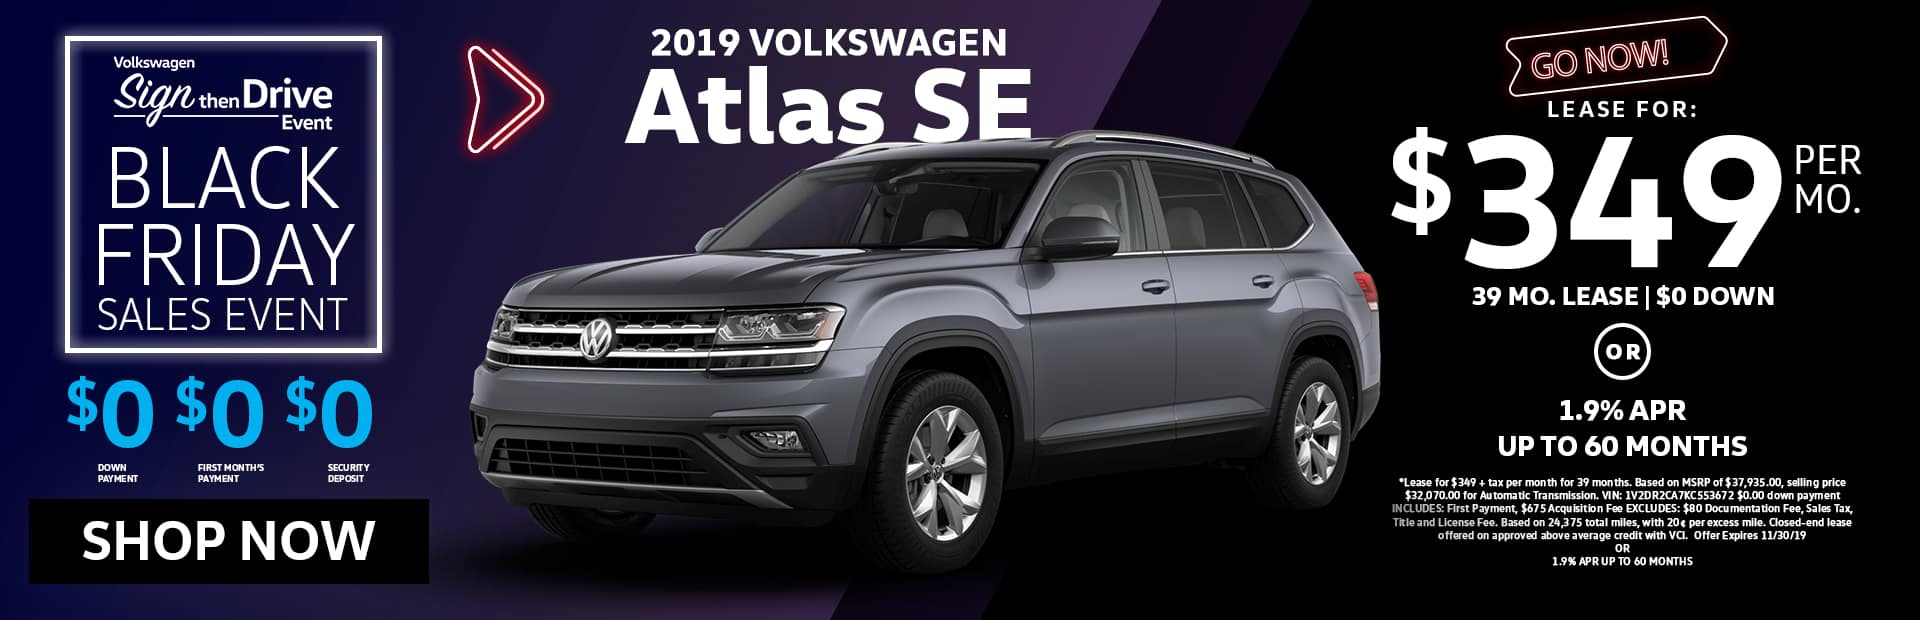 vw atlas lease for sale